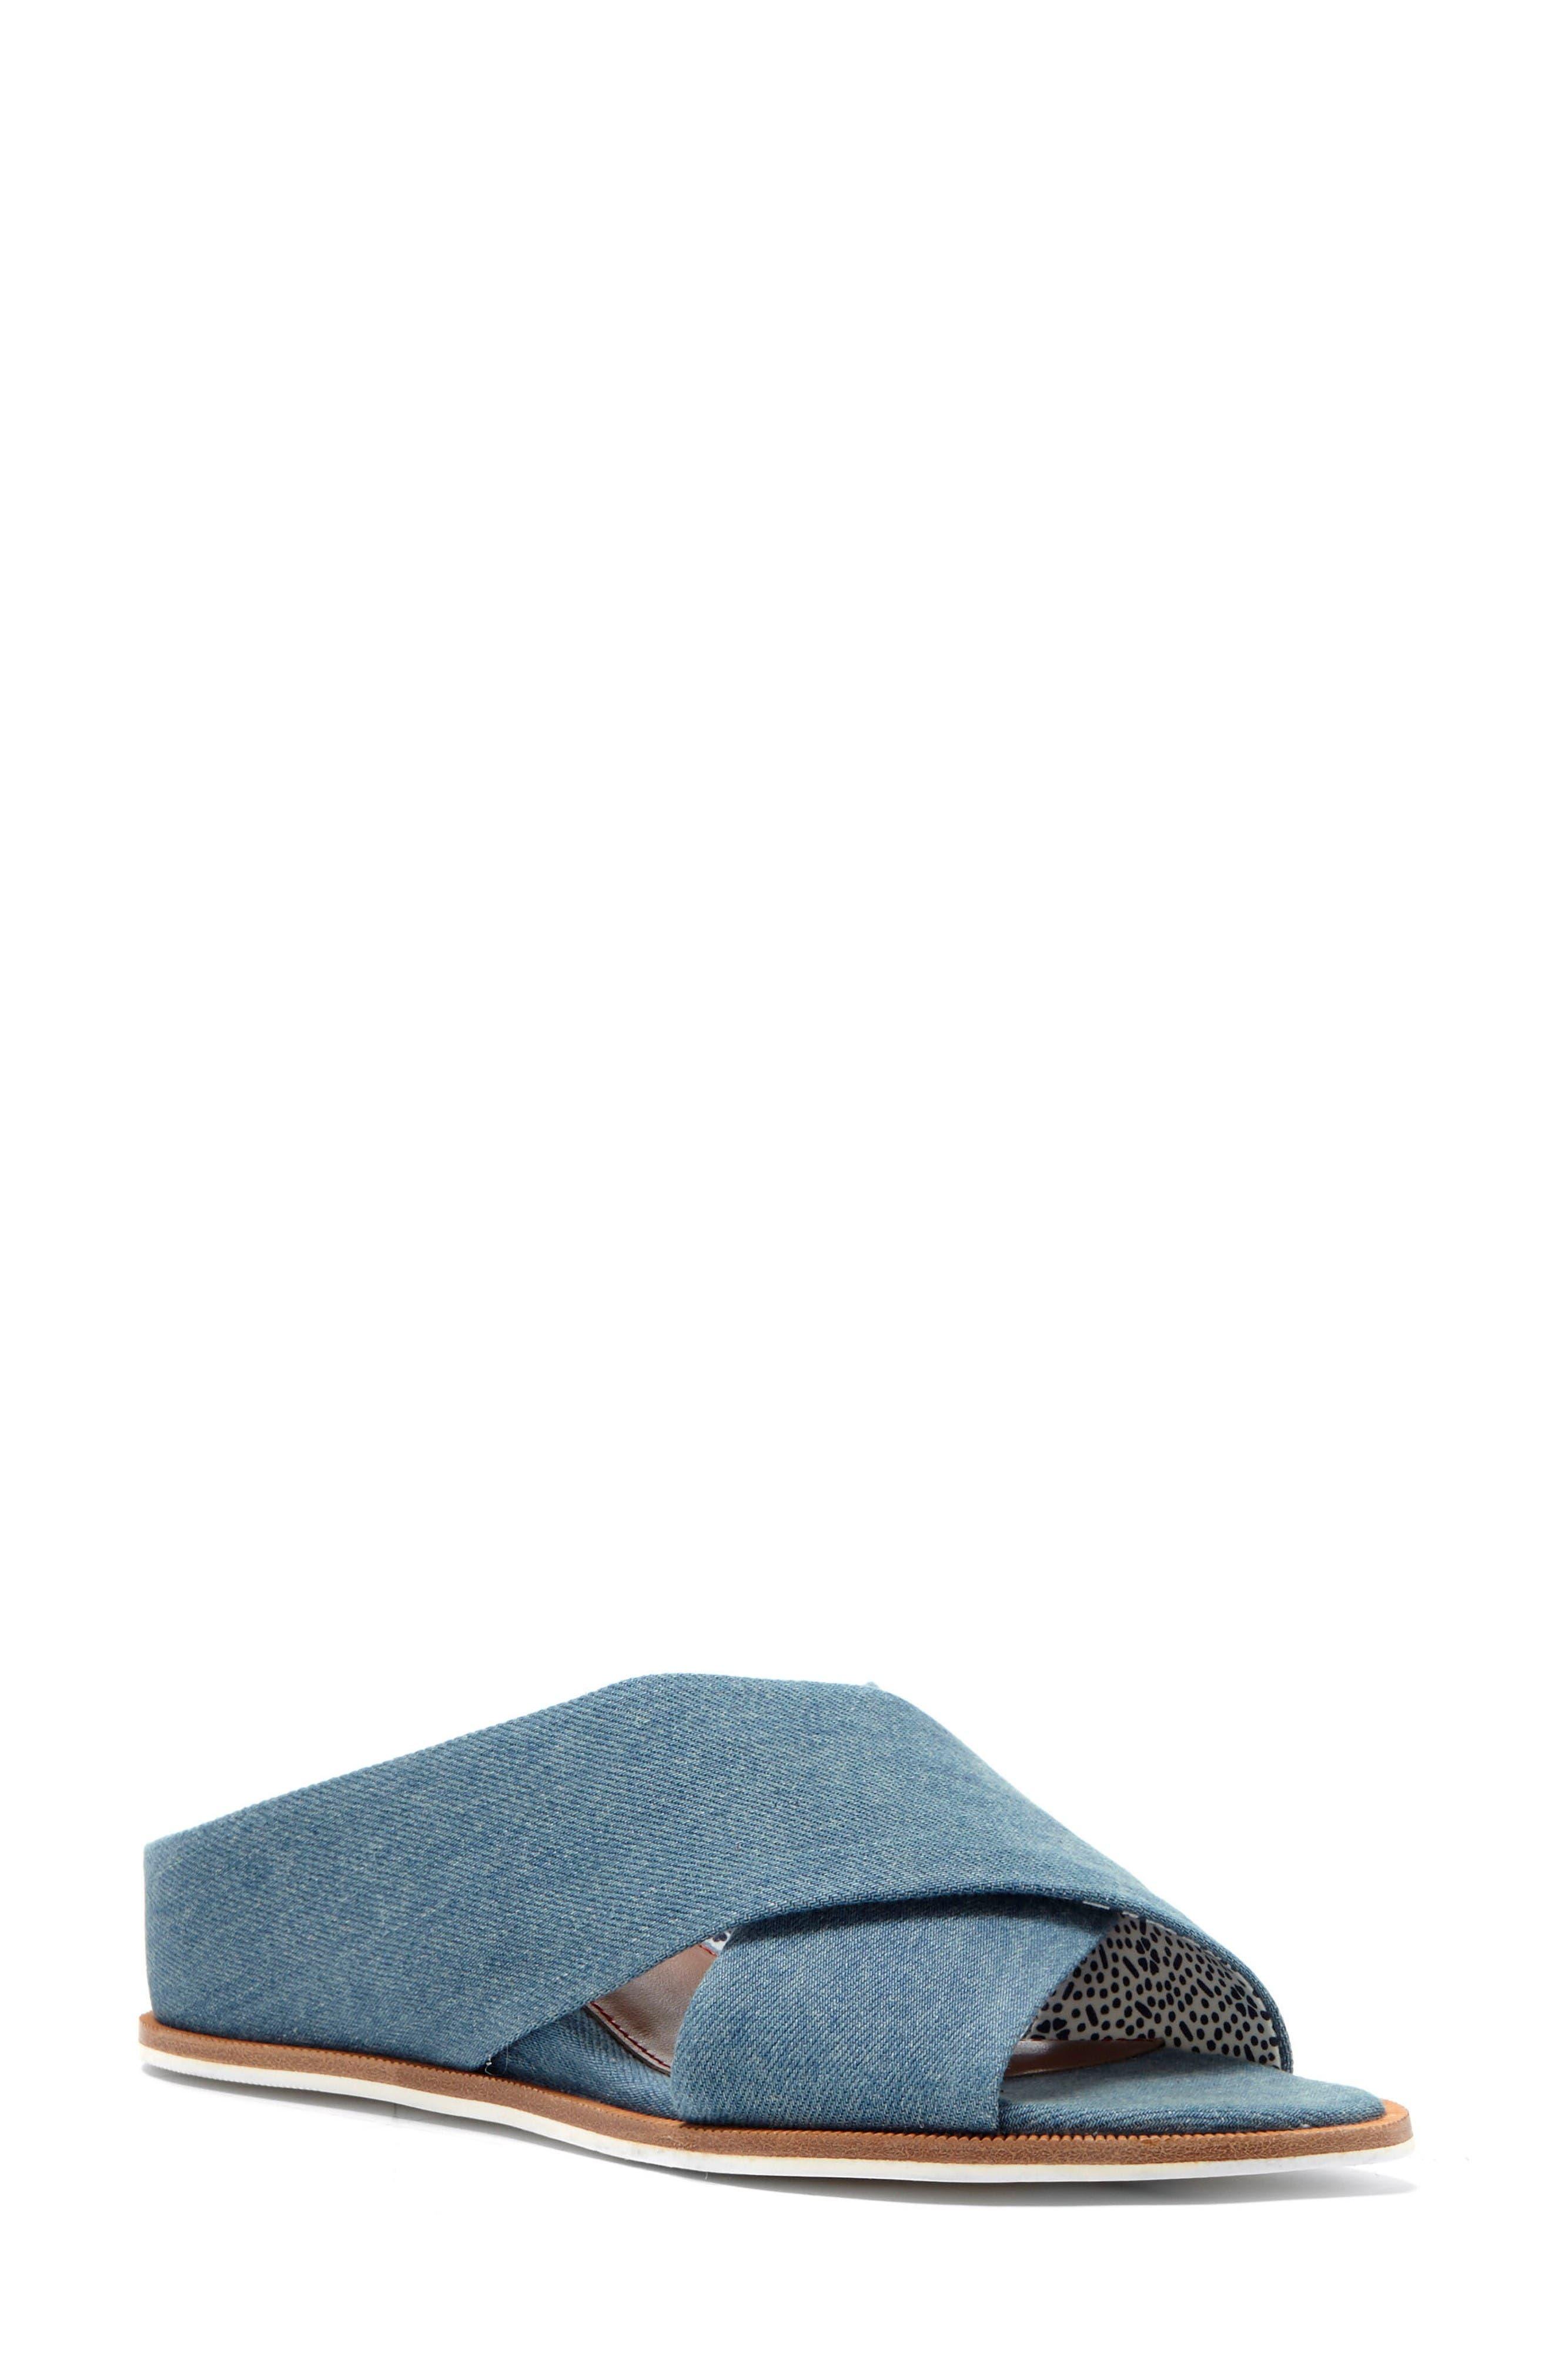 Main Image - ED Ellen DeGeneres Treya Slide Sandal (Women)